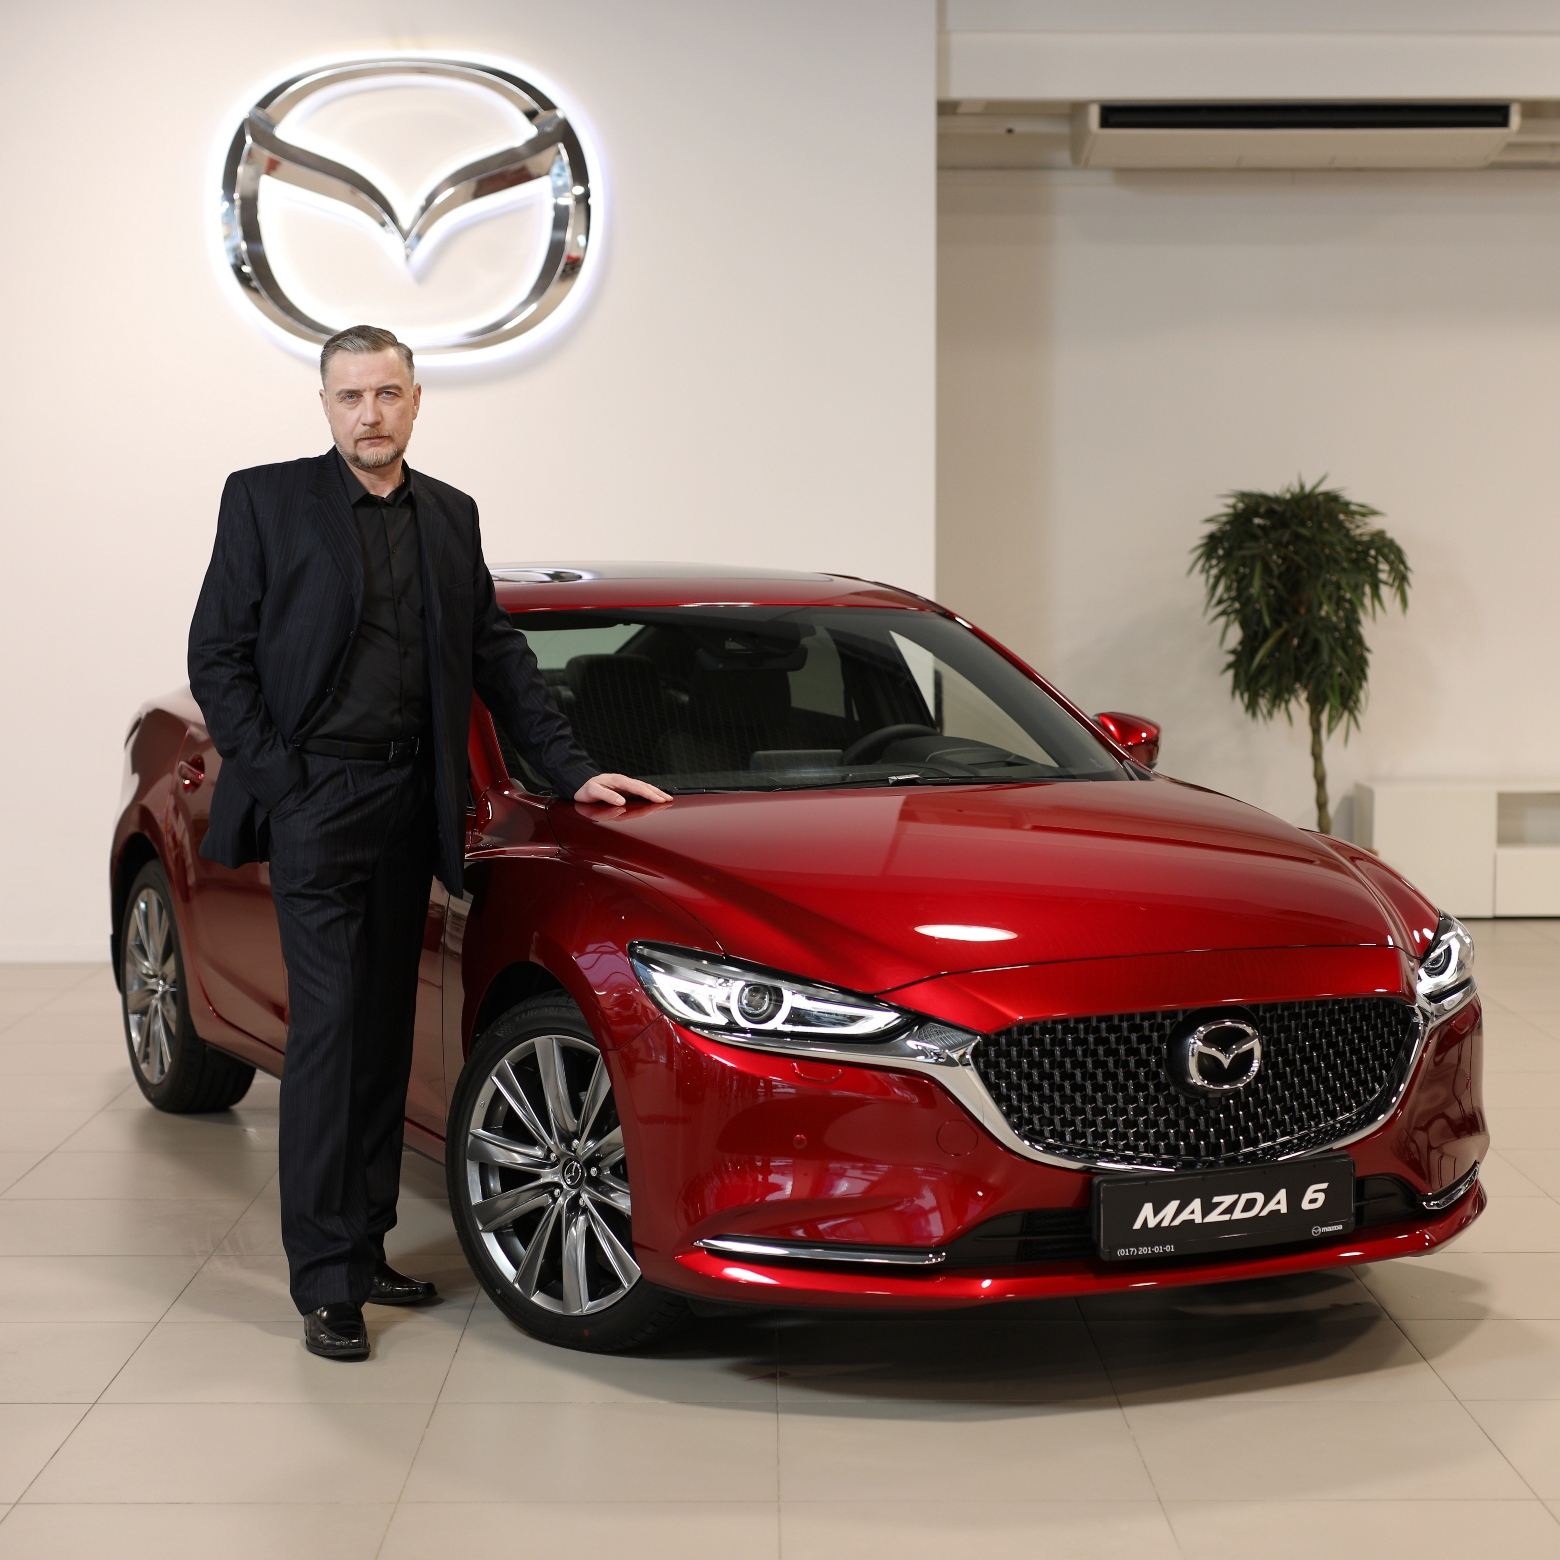 Mazda6 презентация Виктор